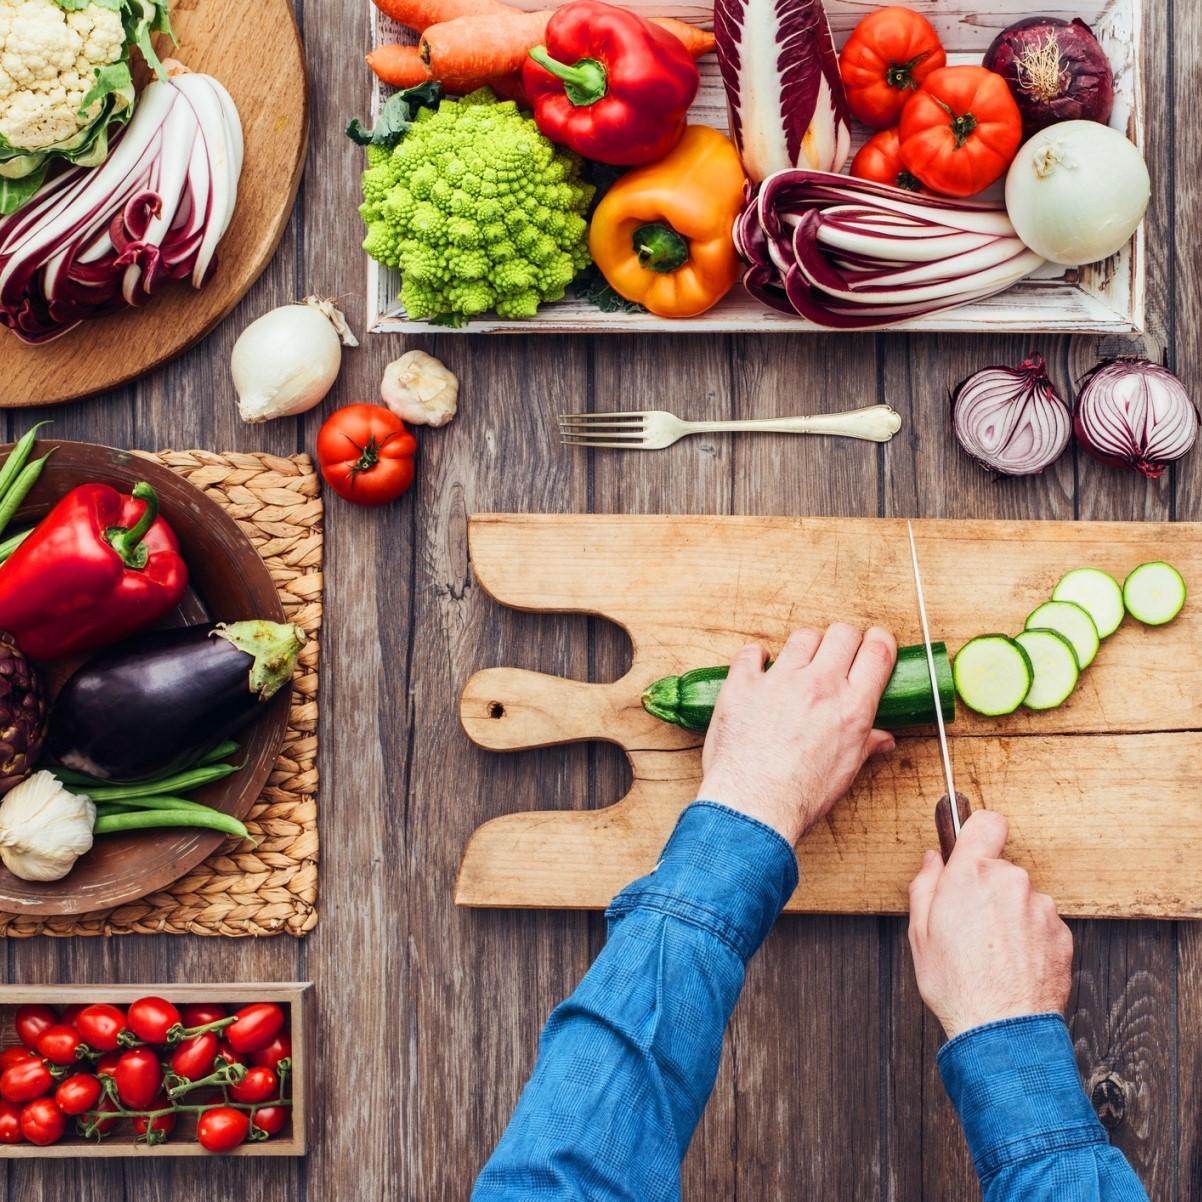 Végan, végétarien, flexitarien : définitions